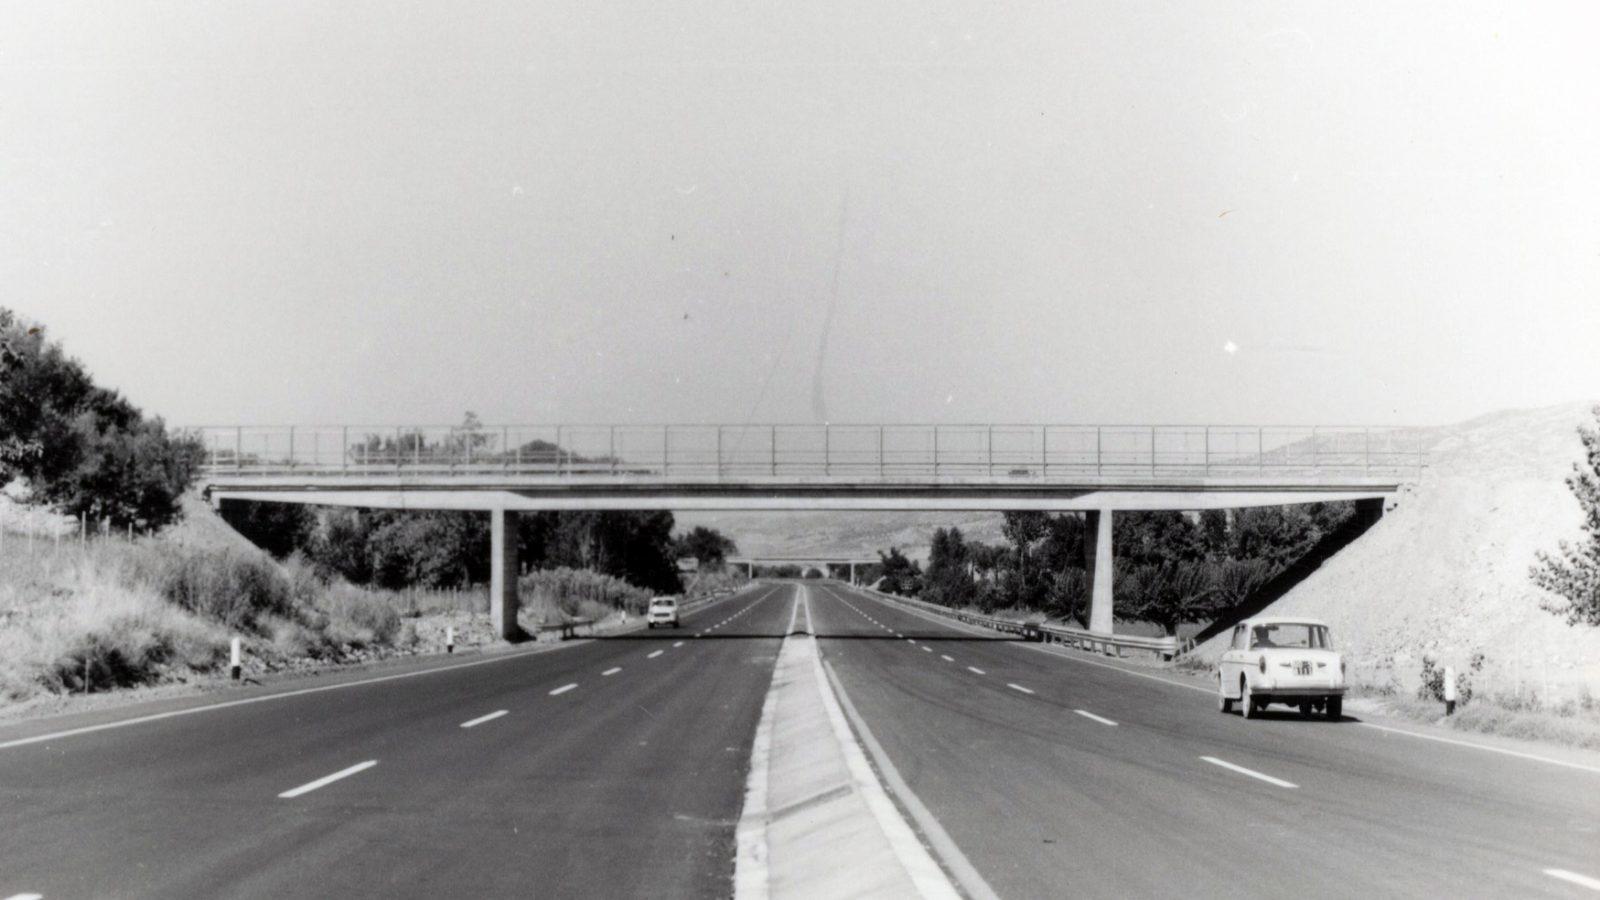 Autostrada A3 Salerno – Reggio Calabria (archivio famiglia Scaramuzzi)